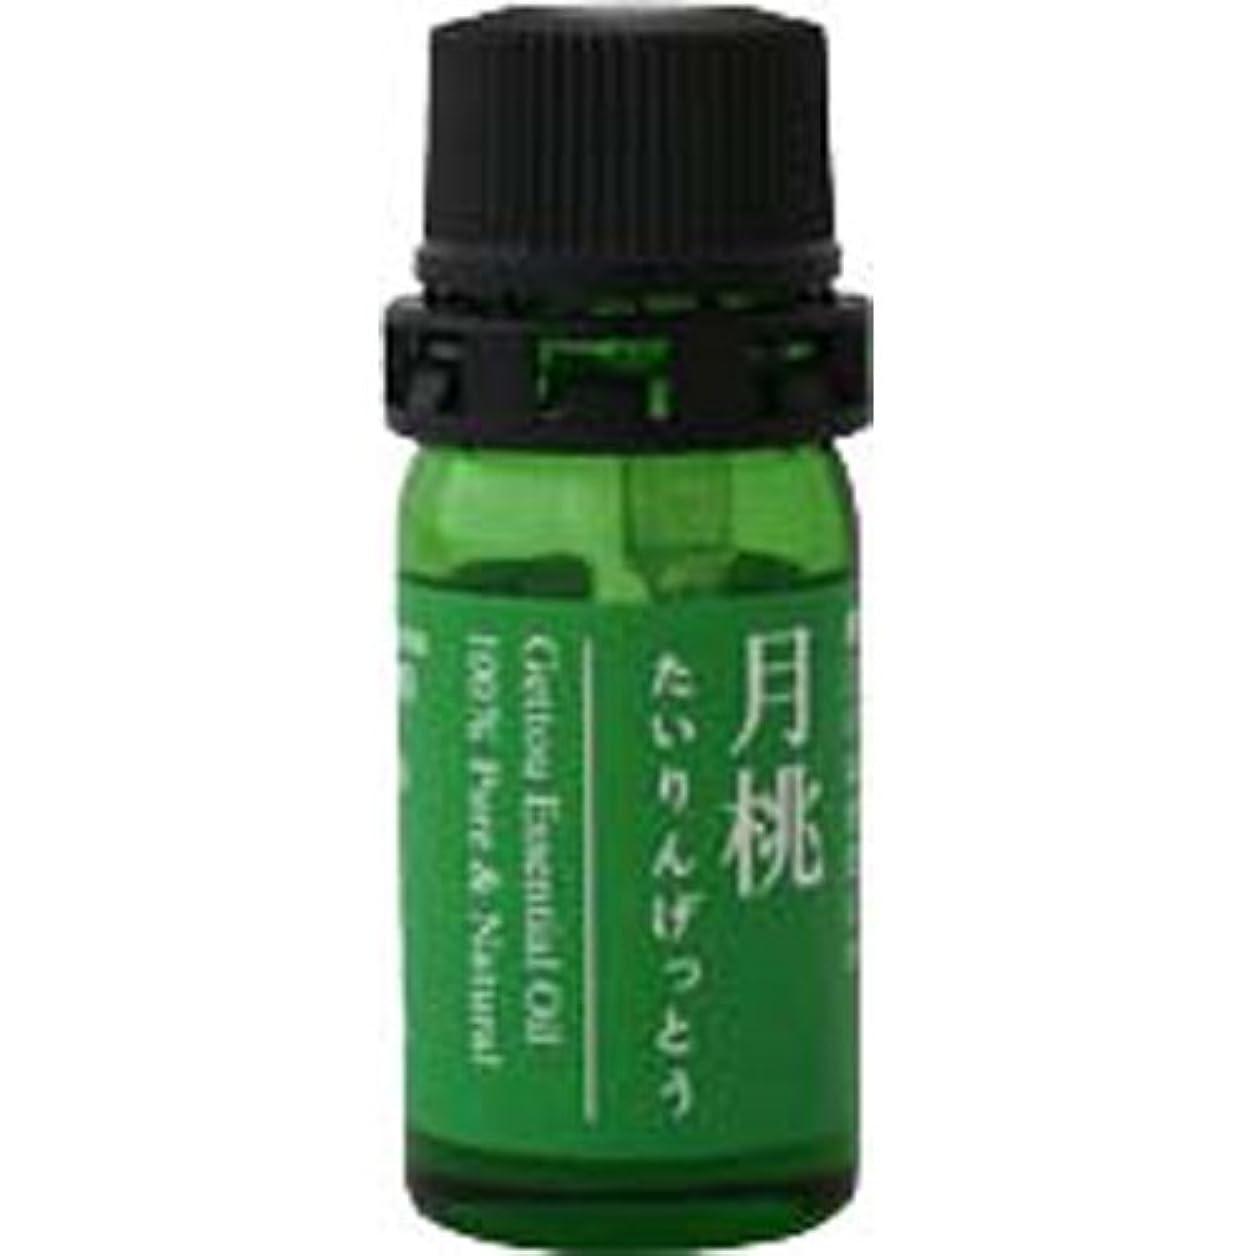 レパートリー出演者典型的な月桃 エッセンシャルオイル (タイリン) 2.5ml